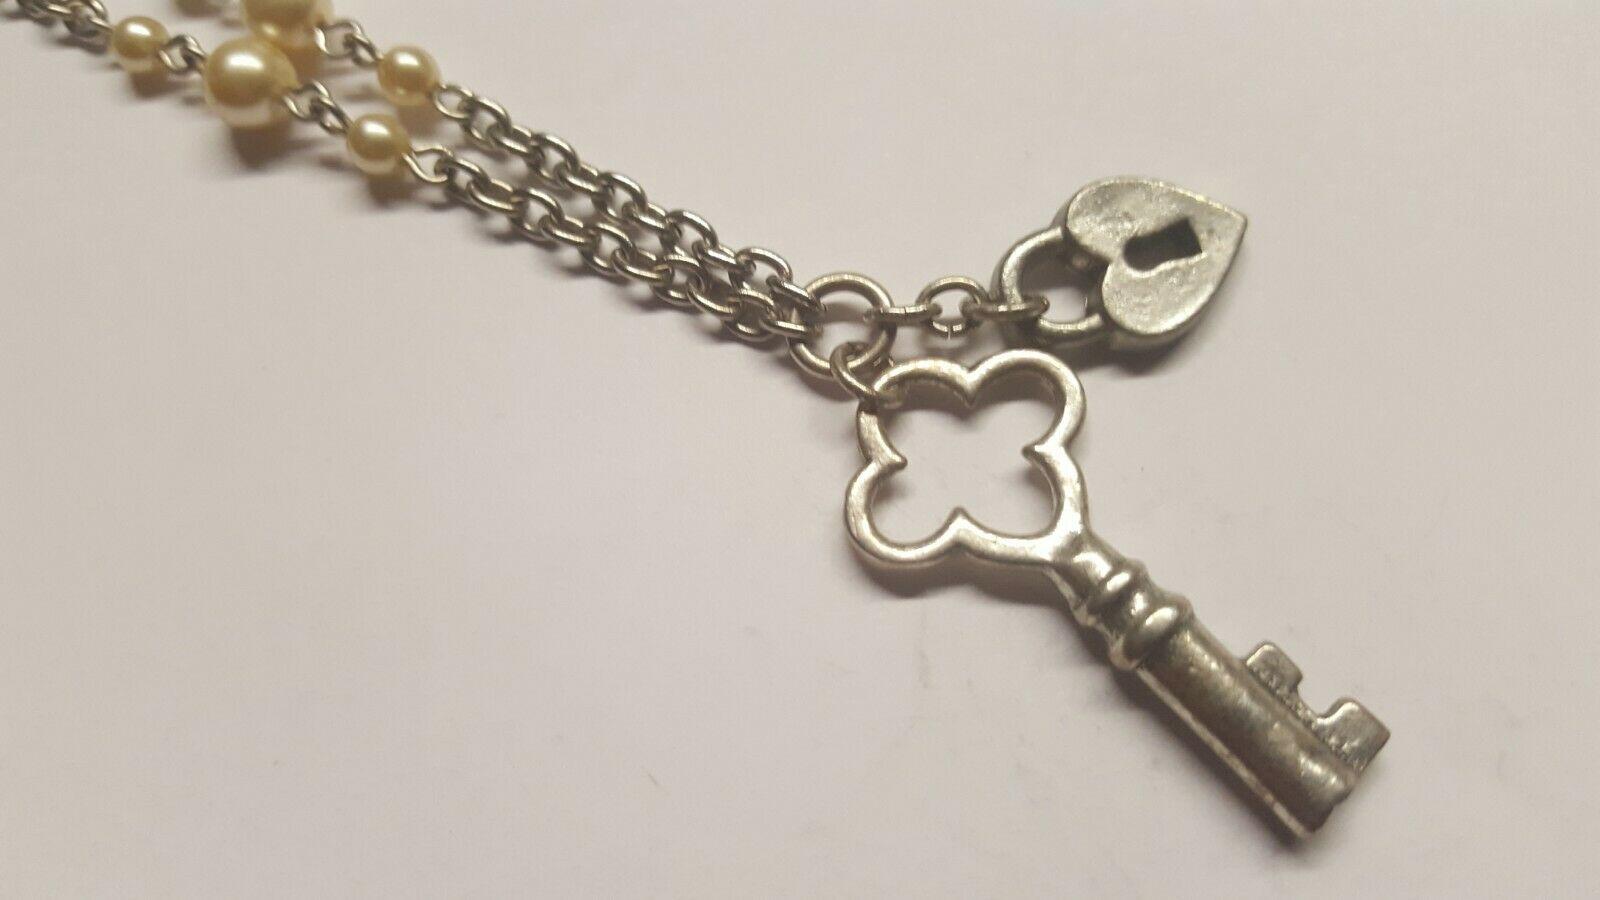 Classic Hardware Key & Heart Padlock Pendant